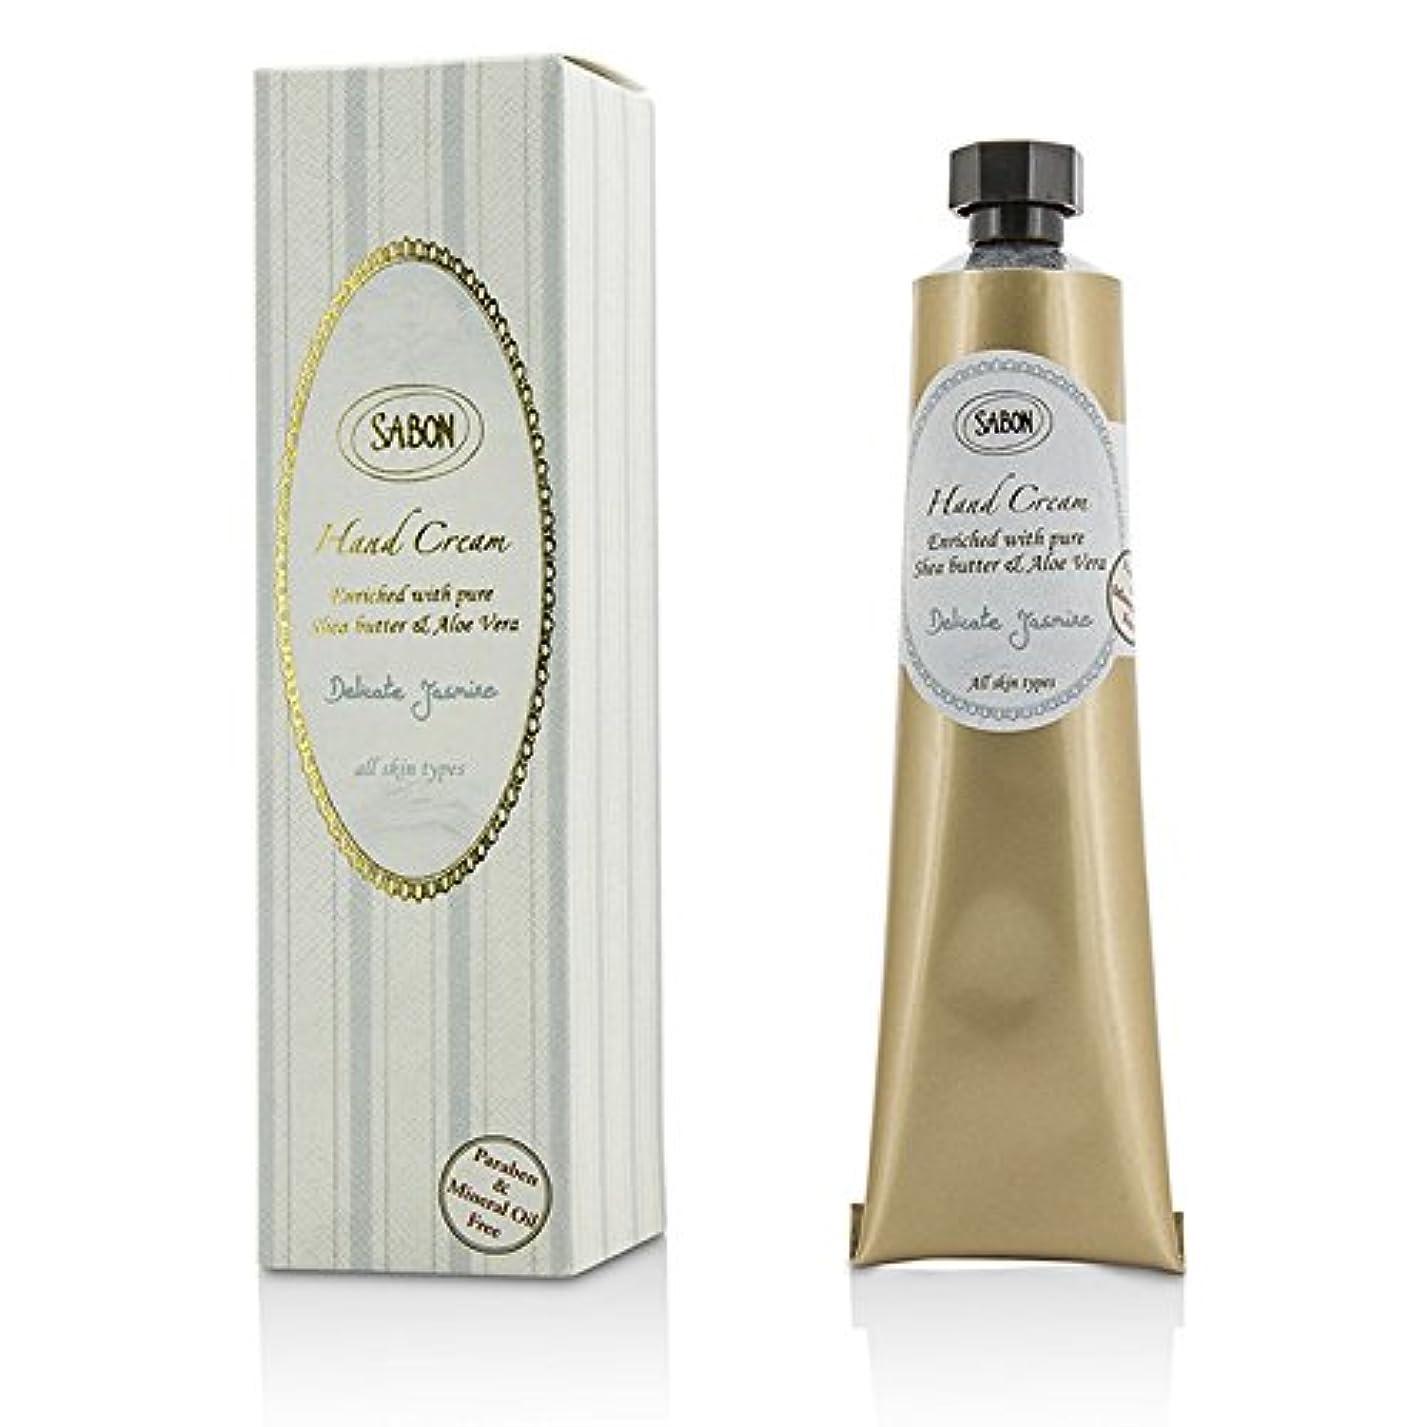 夜明けにペルソナ沈黙サボン Hand Cream - Delicate Jasmine (Tube) 50ml/1.66oz並行輸入品